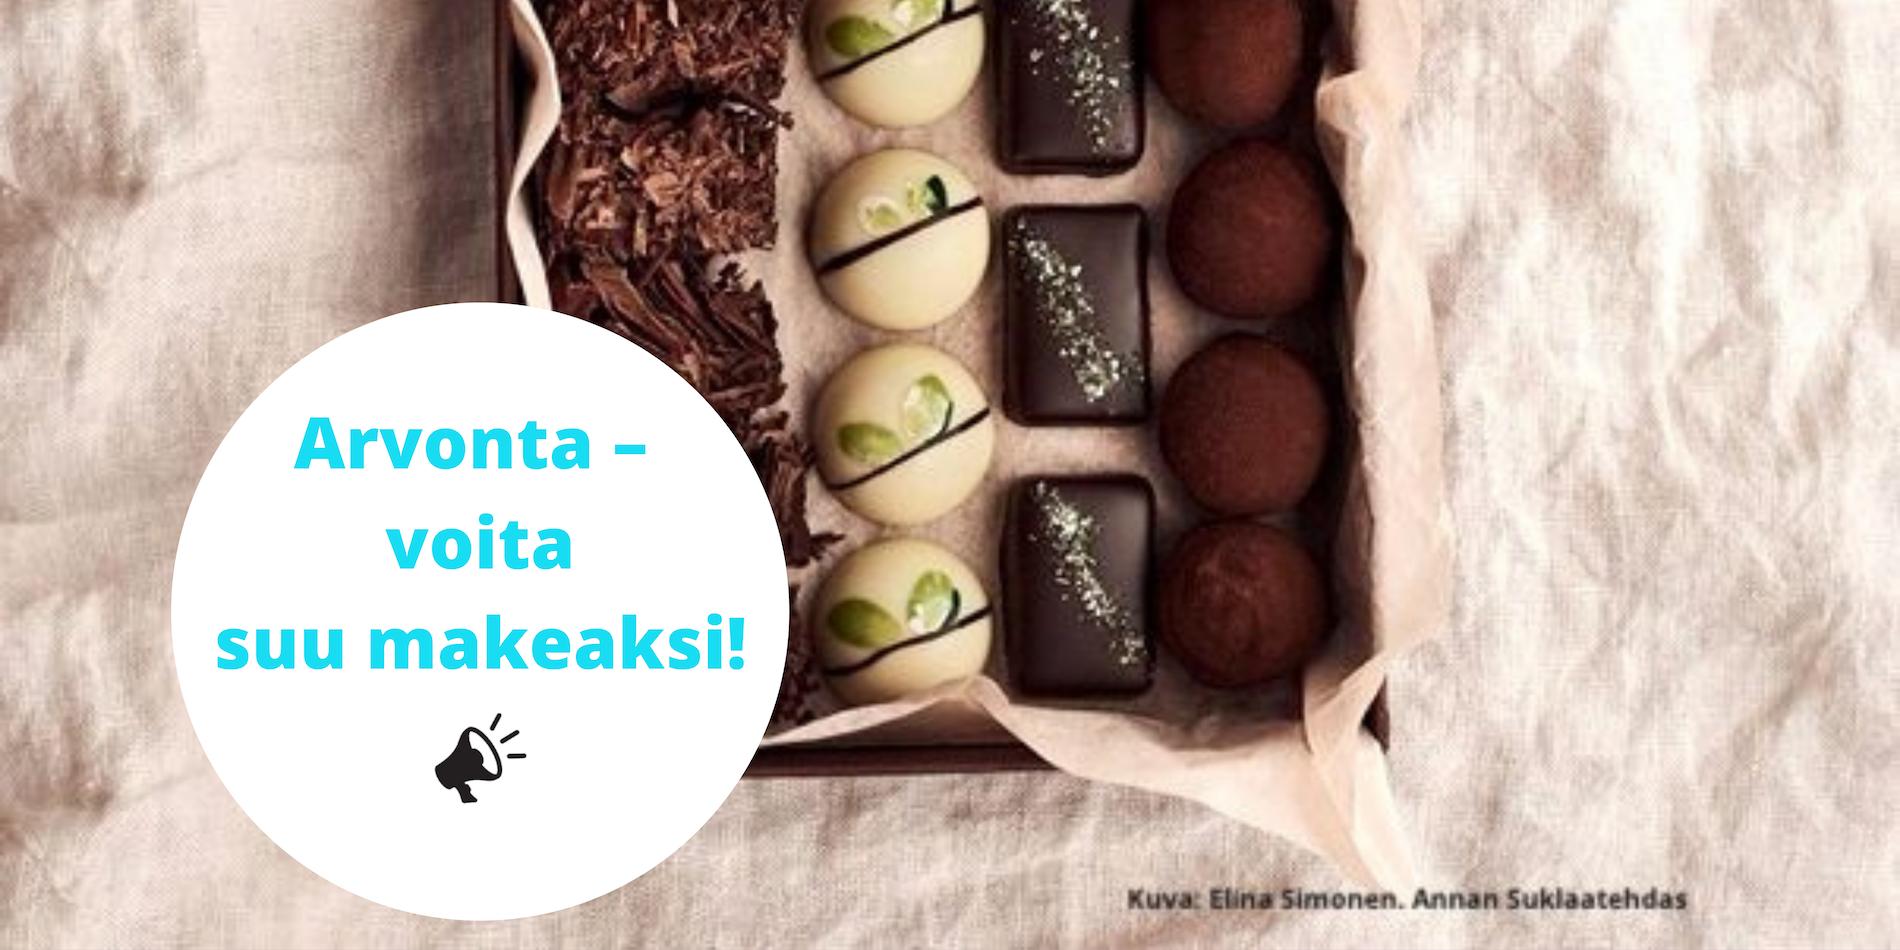 Osta verkkokurssi - voita suklaarasia!